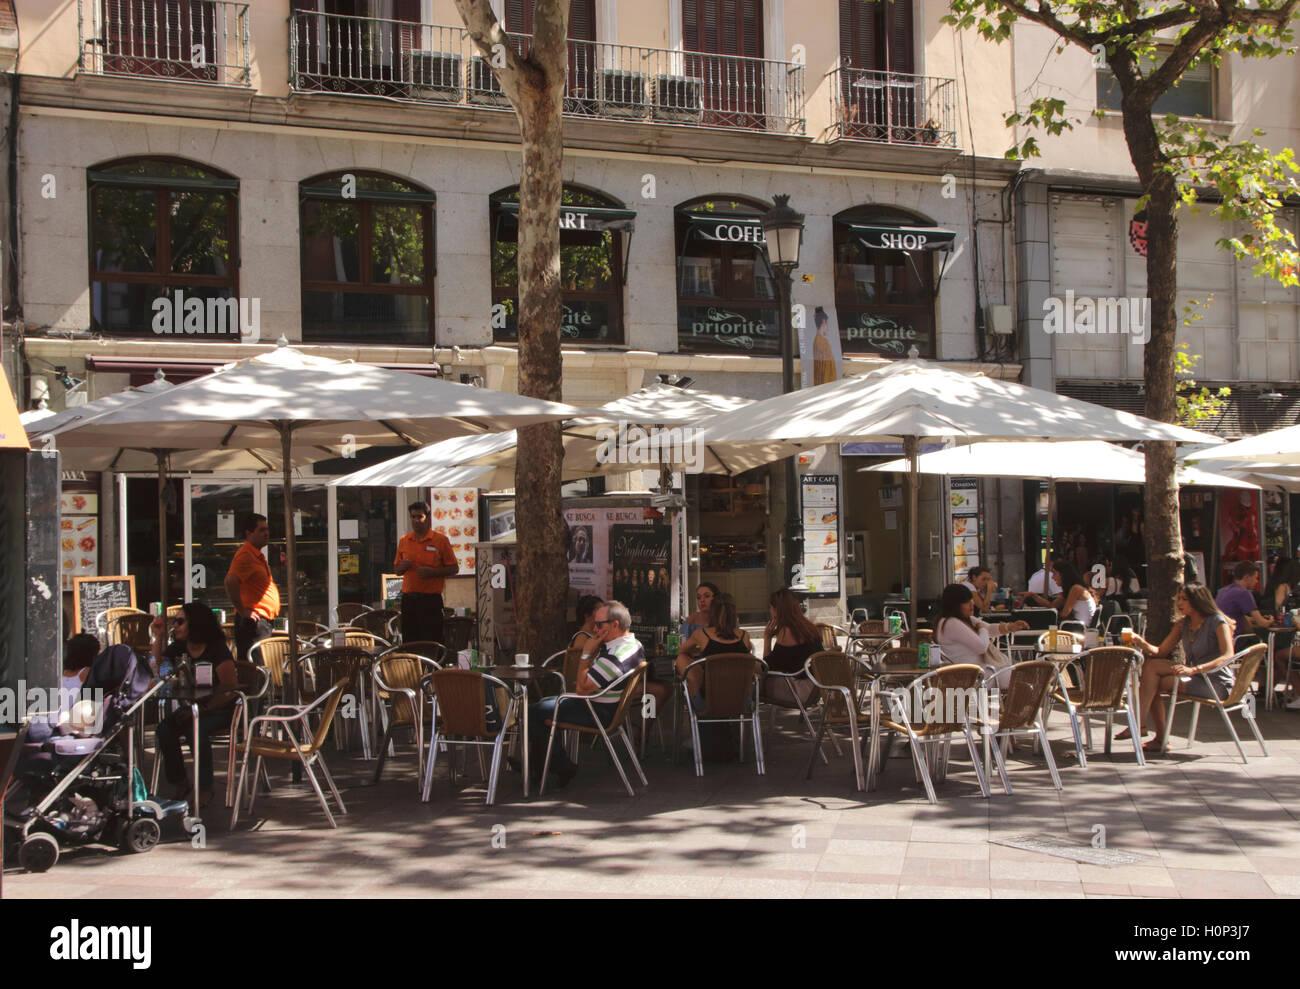 Arte Priorite Cafetería Calle Montera Madrid España Foto   Imagen De ... b68323b7400